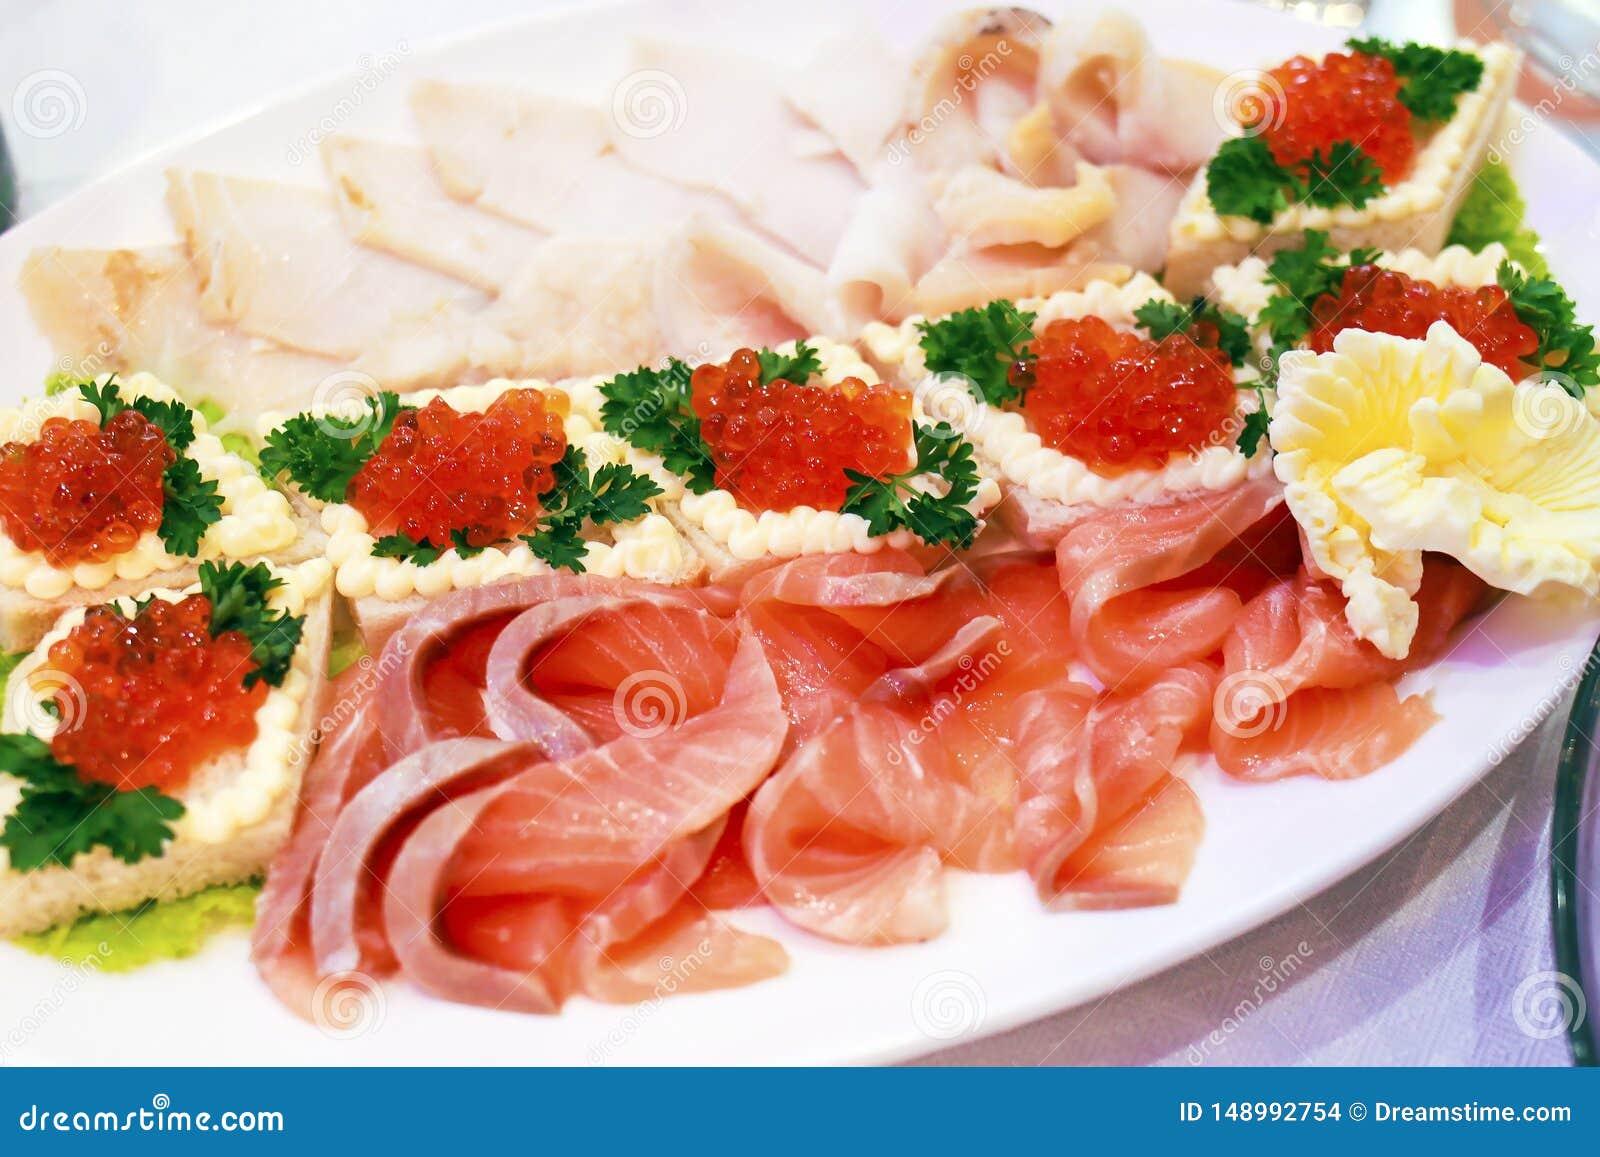 Geschnittene Fische und gebackener Korb mit rotem Kaviar auf einer Platte in einem Restaurant